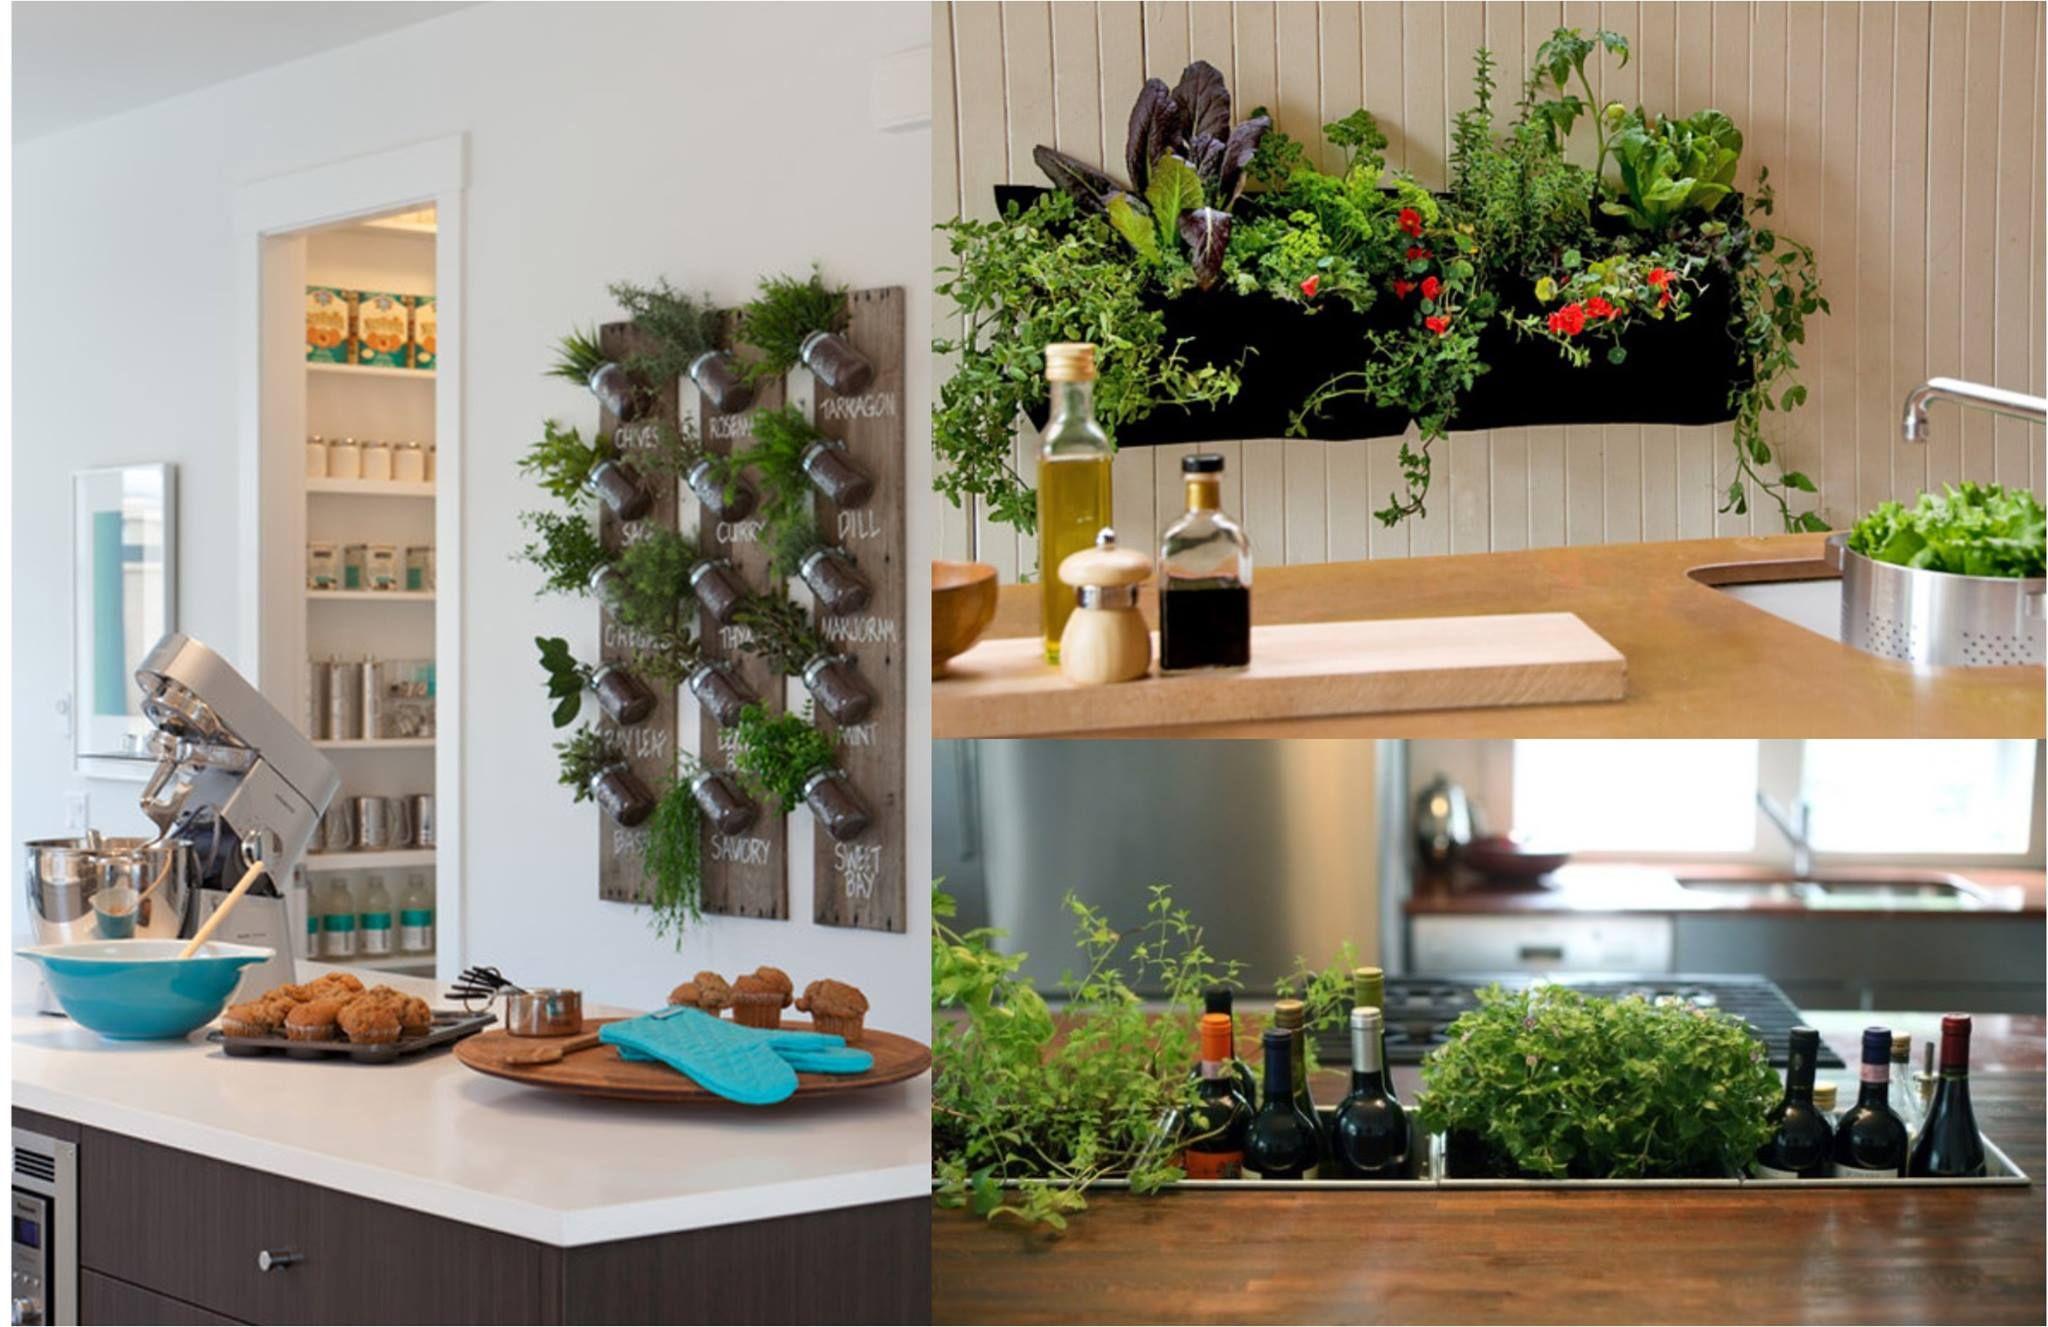 indoor kitchen gardens that are integrated into walls and countertops indoor garden indoor on kitchen garden id=67536